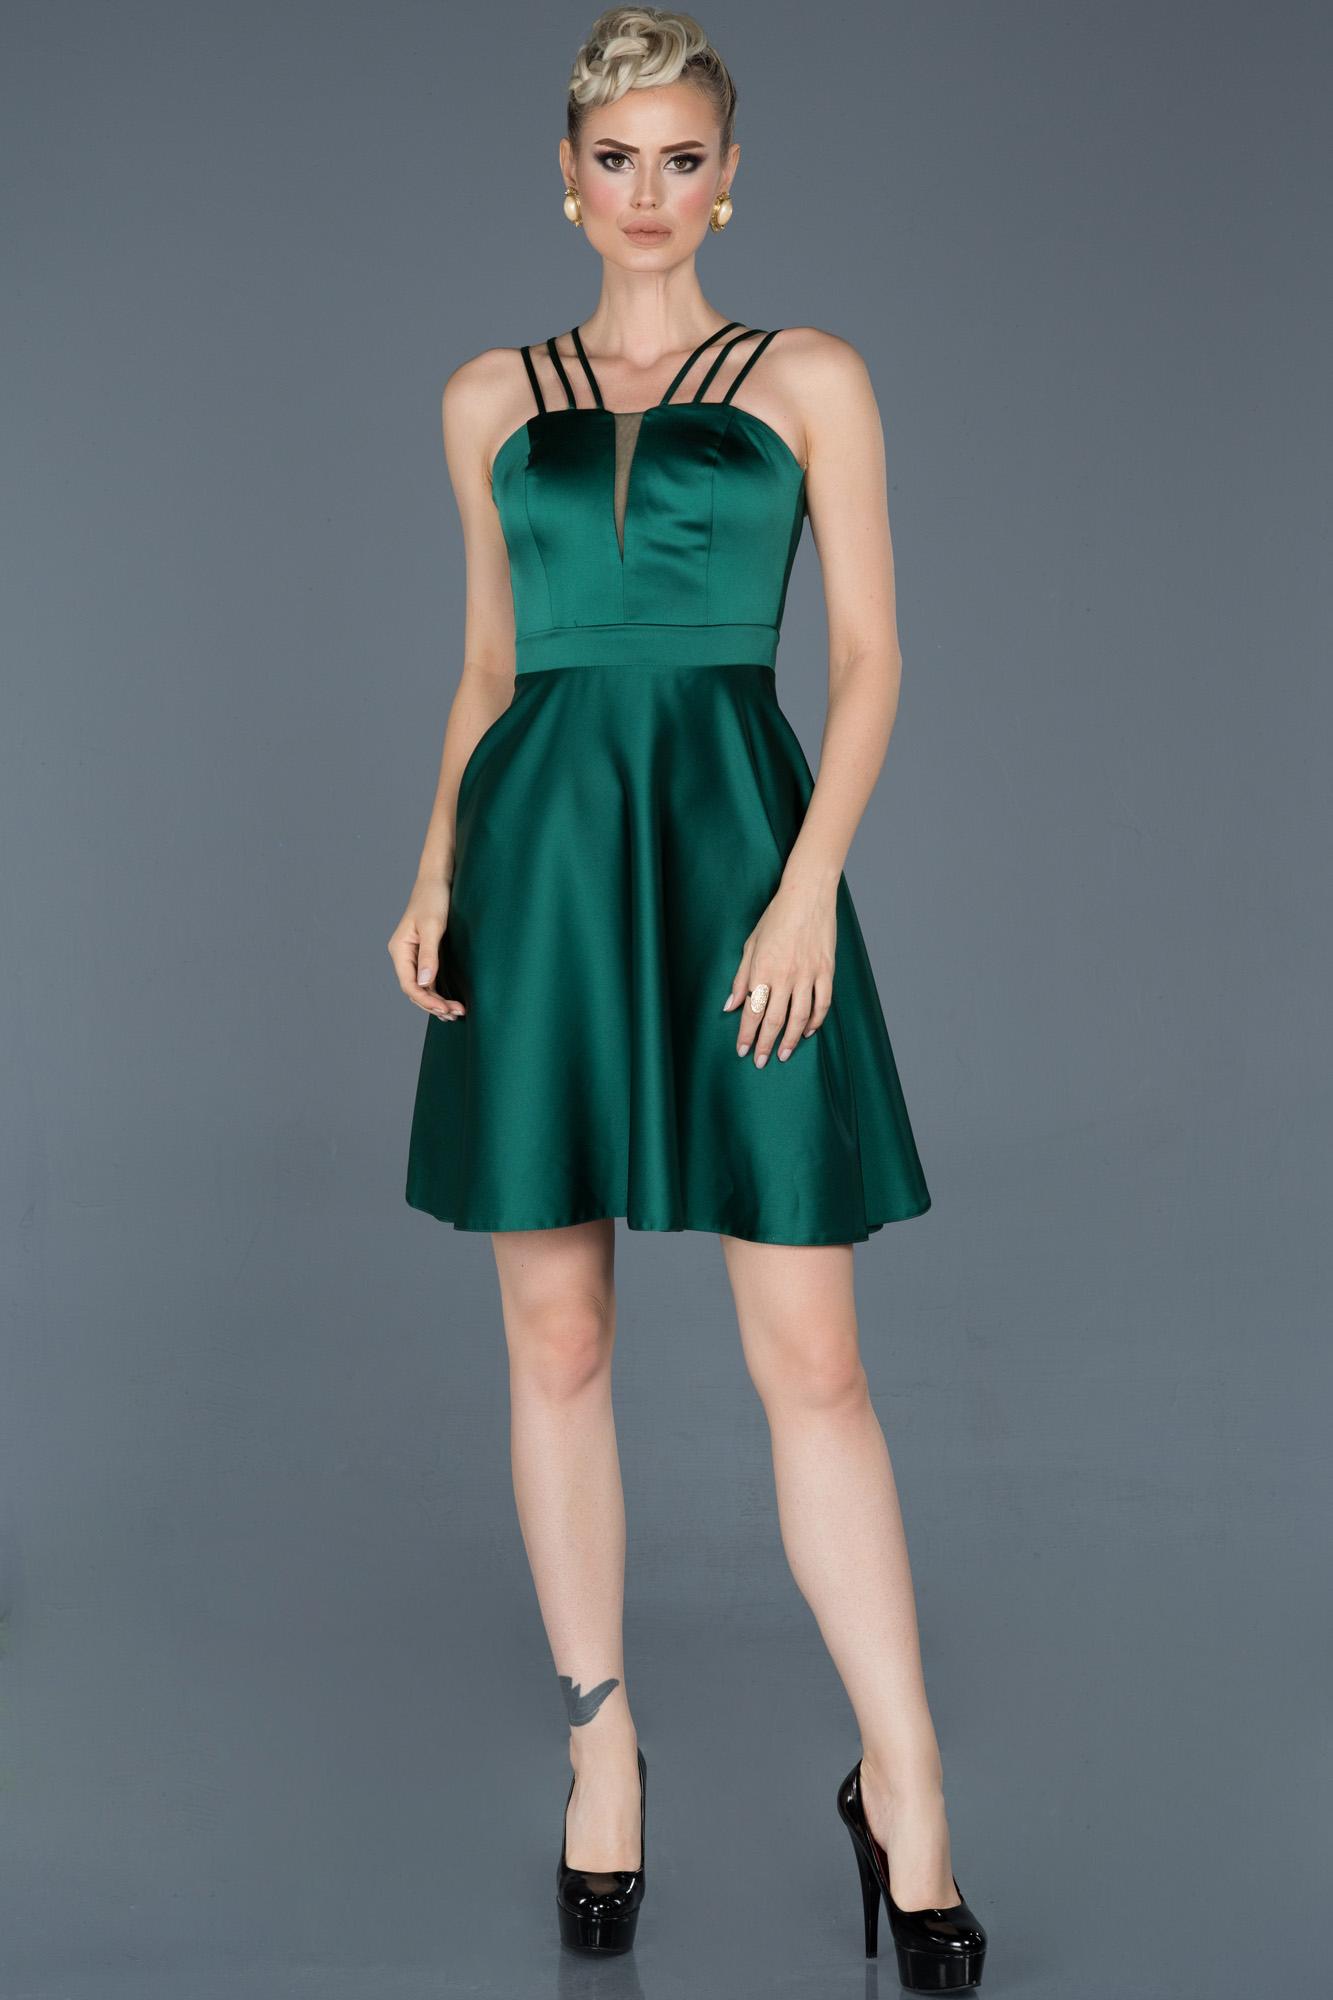 Zümrüt Yeşili Kısa Saten Mezuniyet Elbisesi